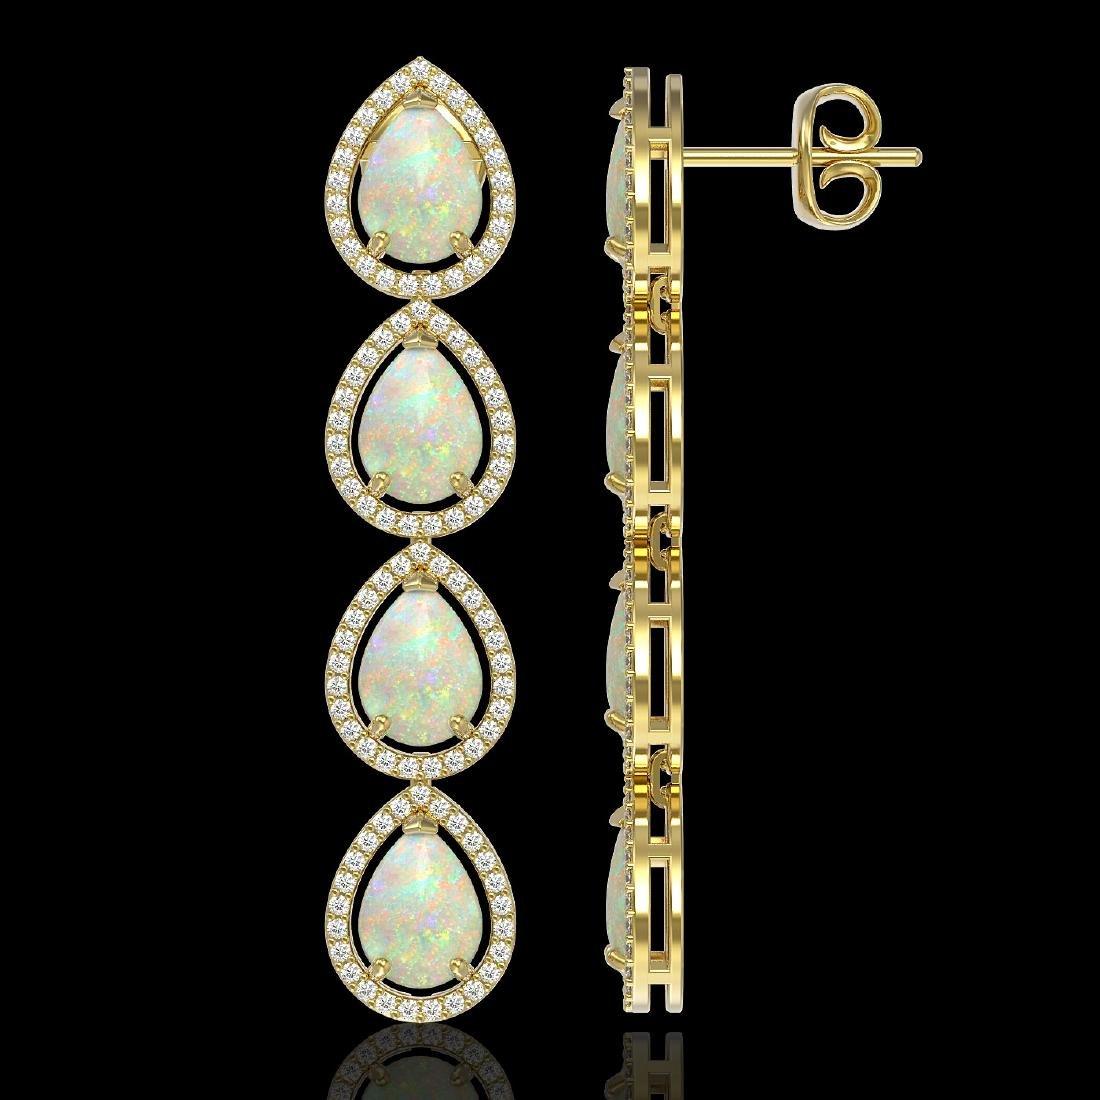 9.12 CTW Opal & Diamond Halo Earrings 10K Yellow Gold - 2